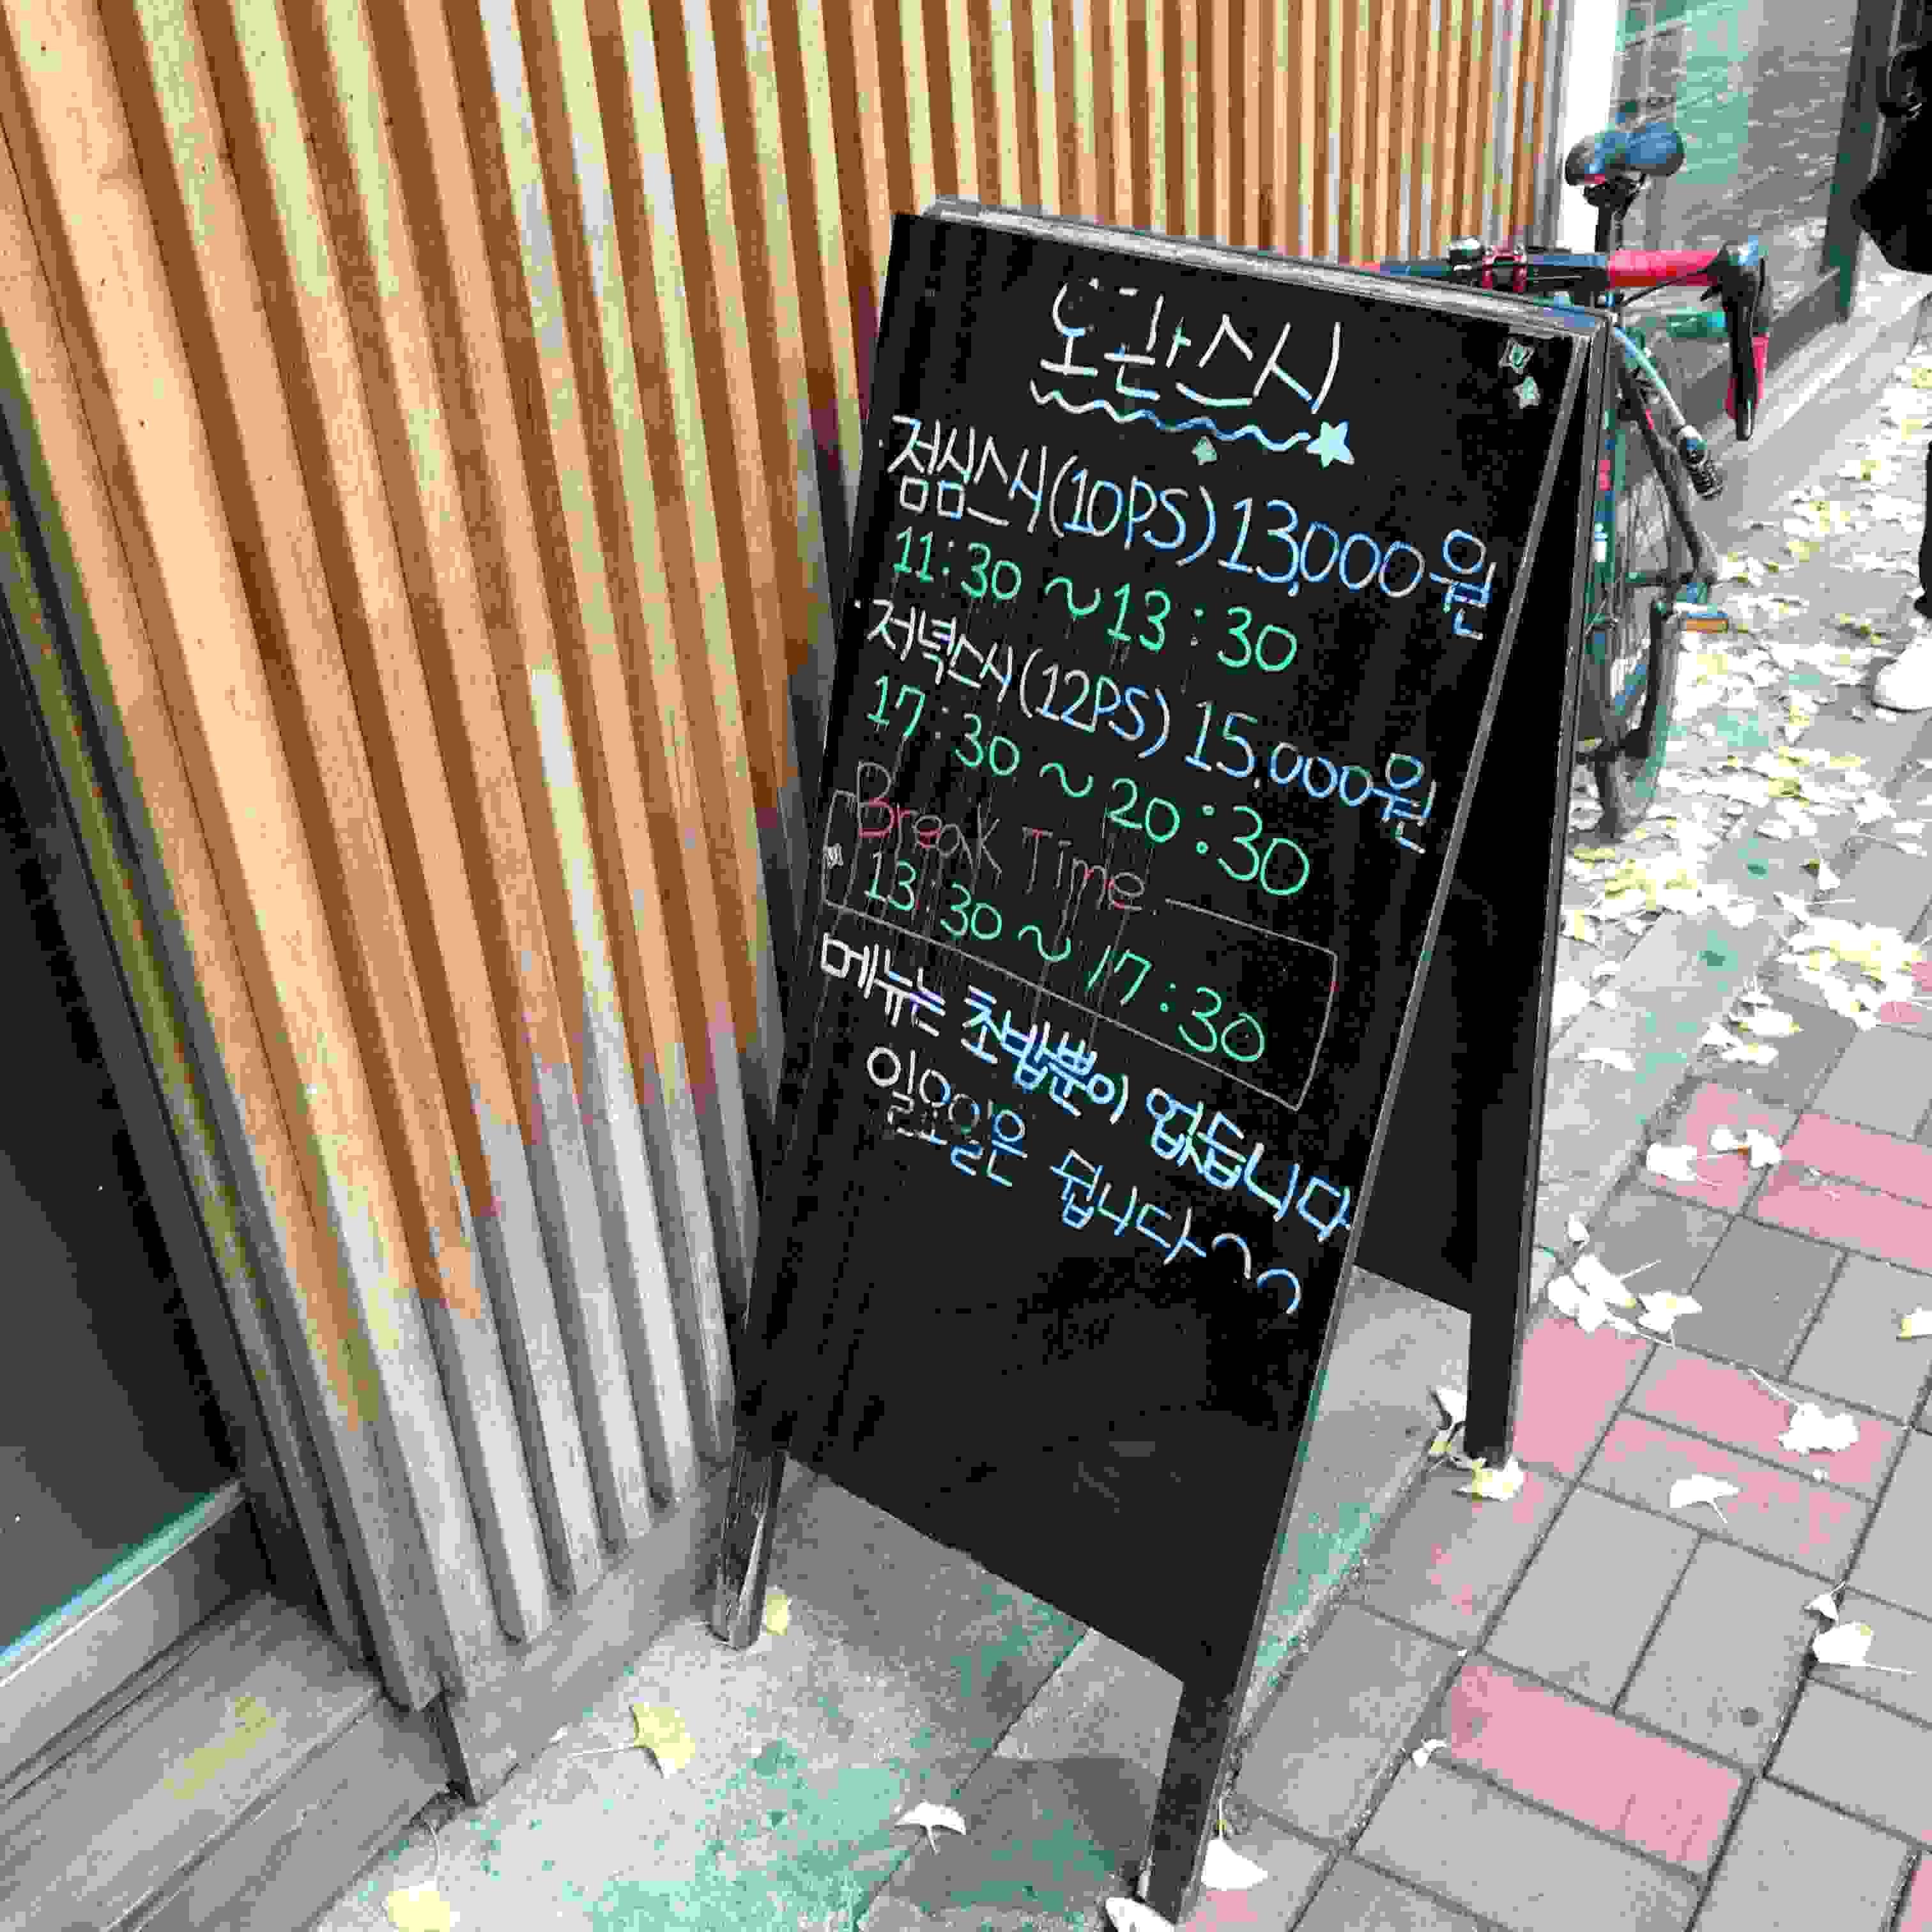 放在門前的是一個非常簡單的餐牌,他們只有午餐壽司(10件)和晚餐壽司(12件)。還有要留意的是,他們有休息時間喔!要避免在13:30 - 17:30這段時間裡面去喔~(不過有時候在休息時間大概15-30分鍾之前就會開始停止讓客人進去店內了,因為有時候會不夠材料)